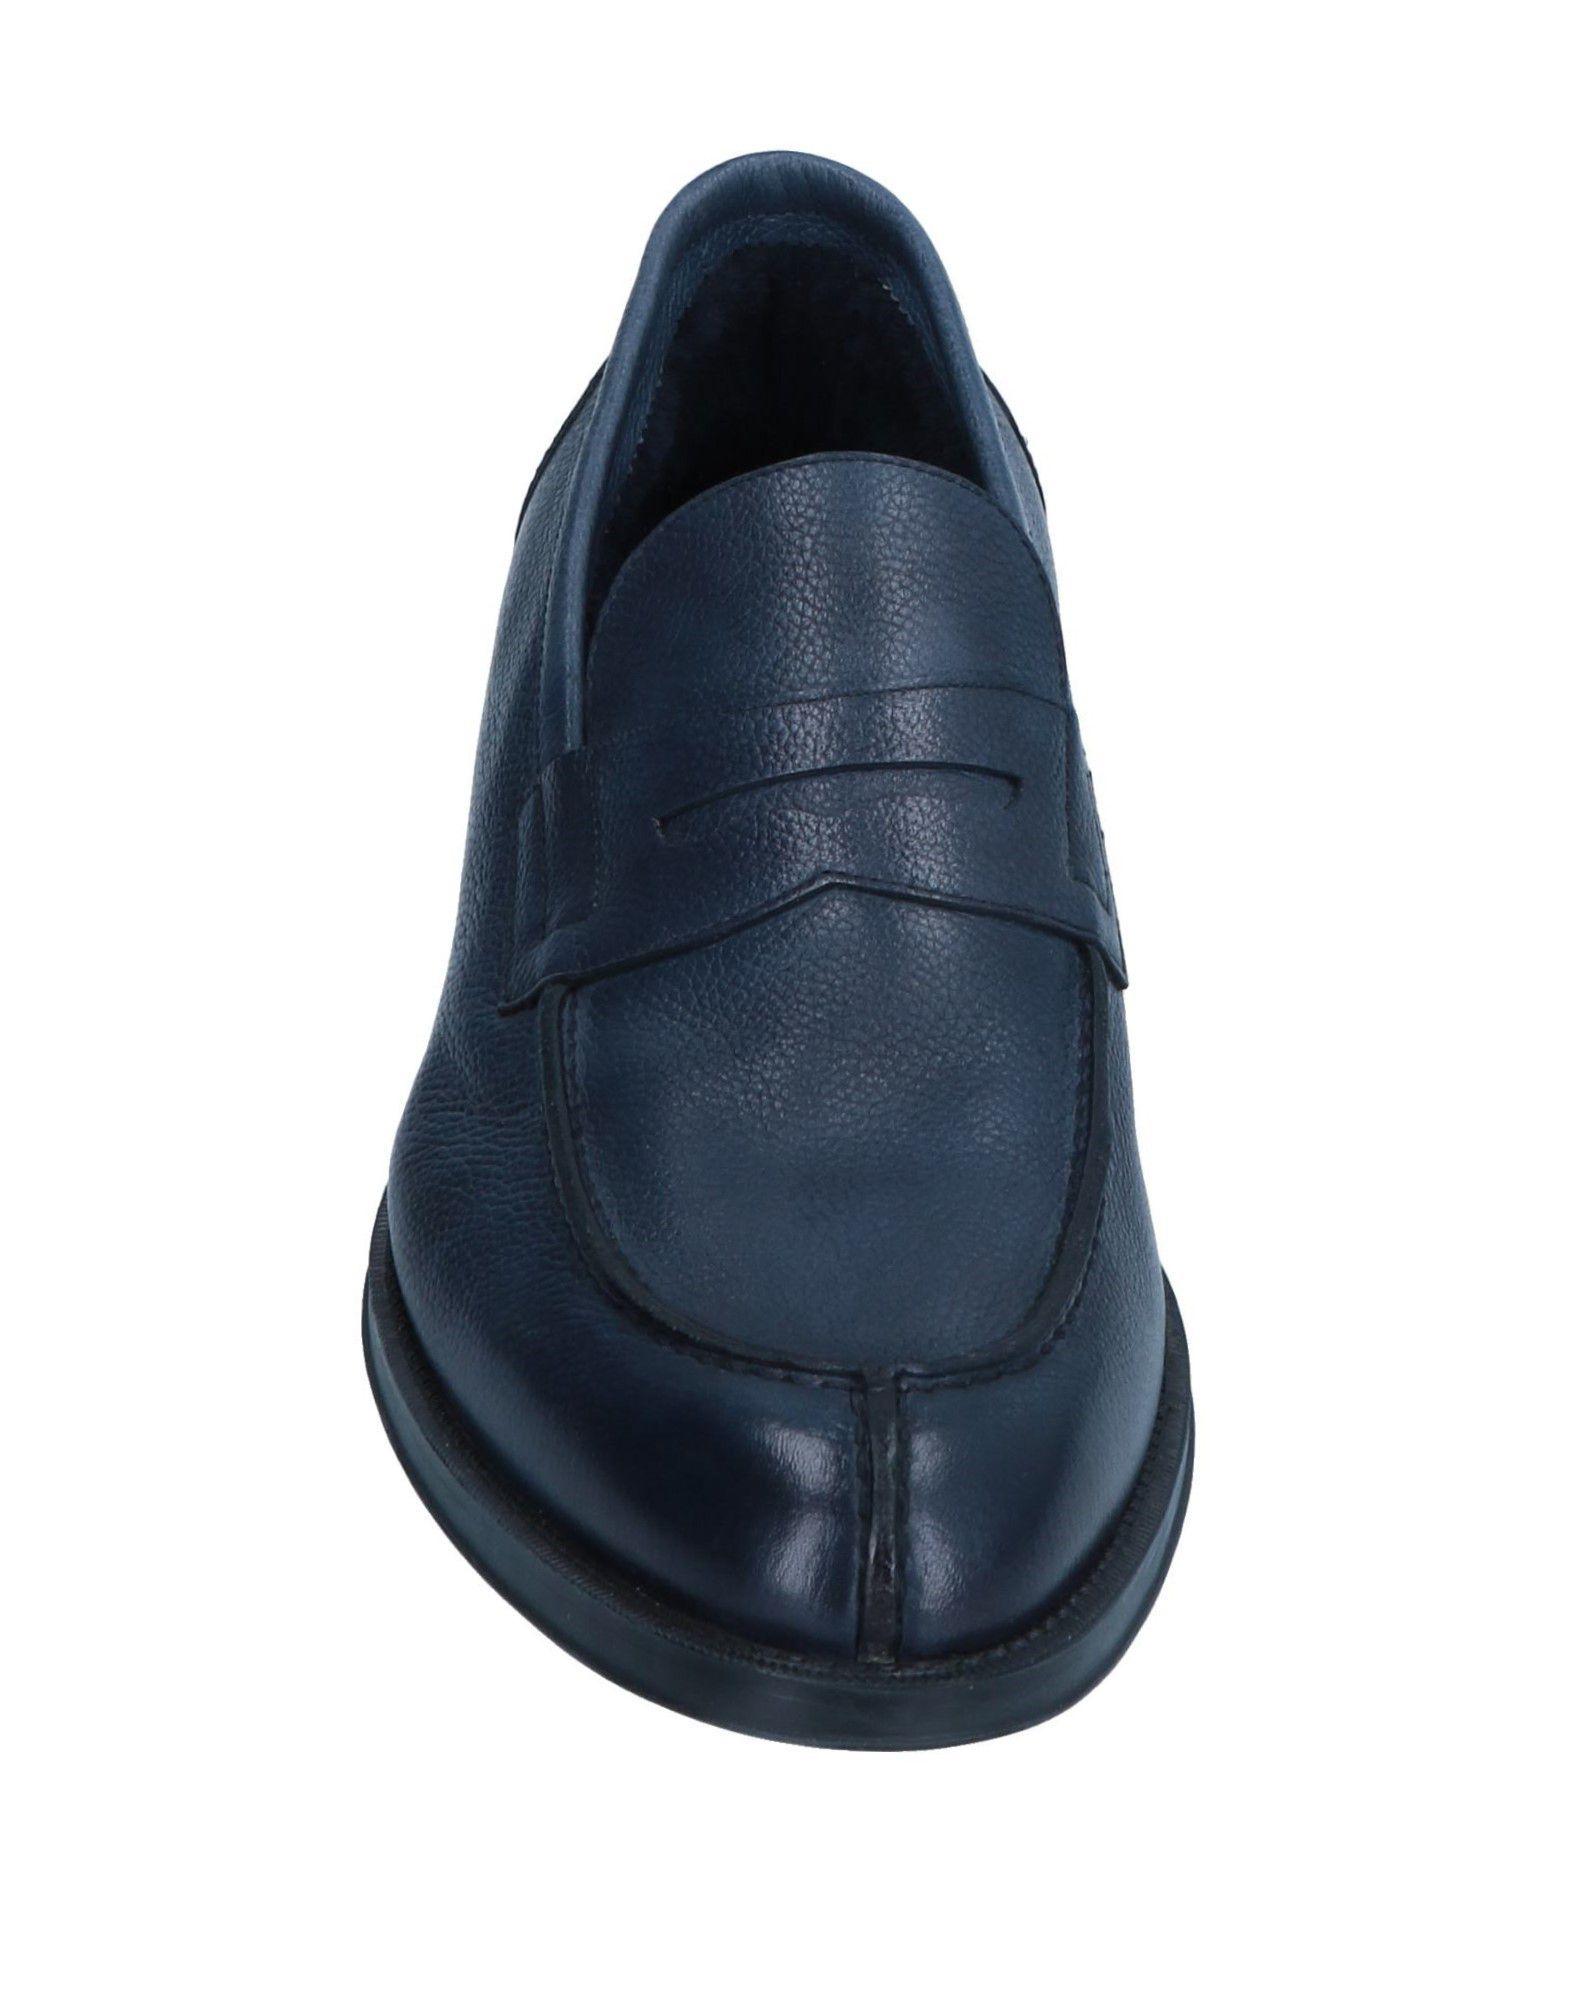 Barrett Mokassins Herren  11548506DW Schuhe Gute Qualität beliebte Schuhe 11548506DW f91fb7